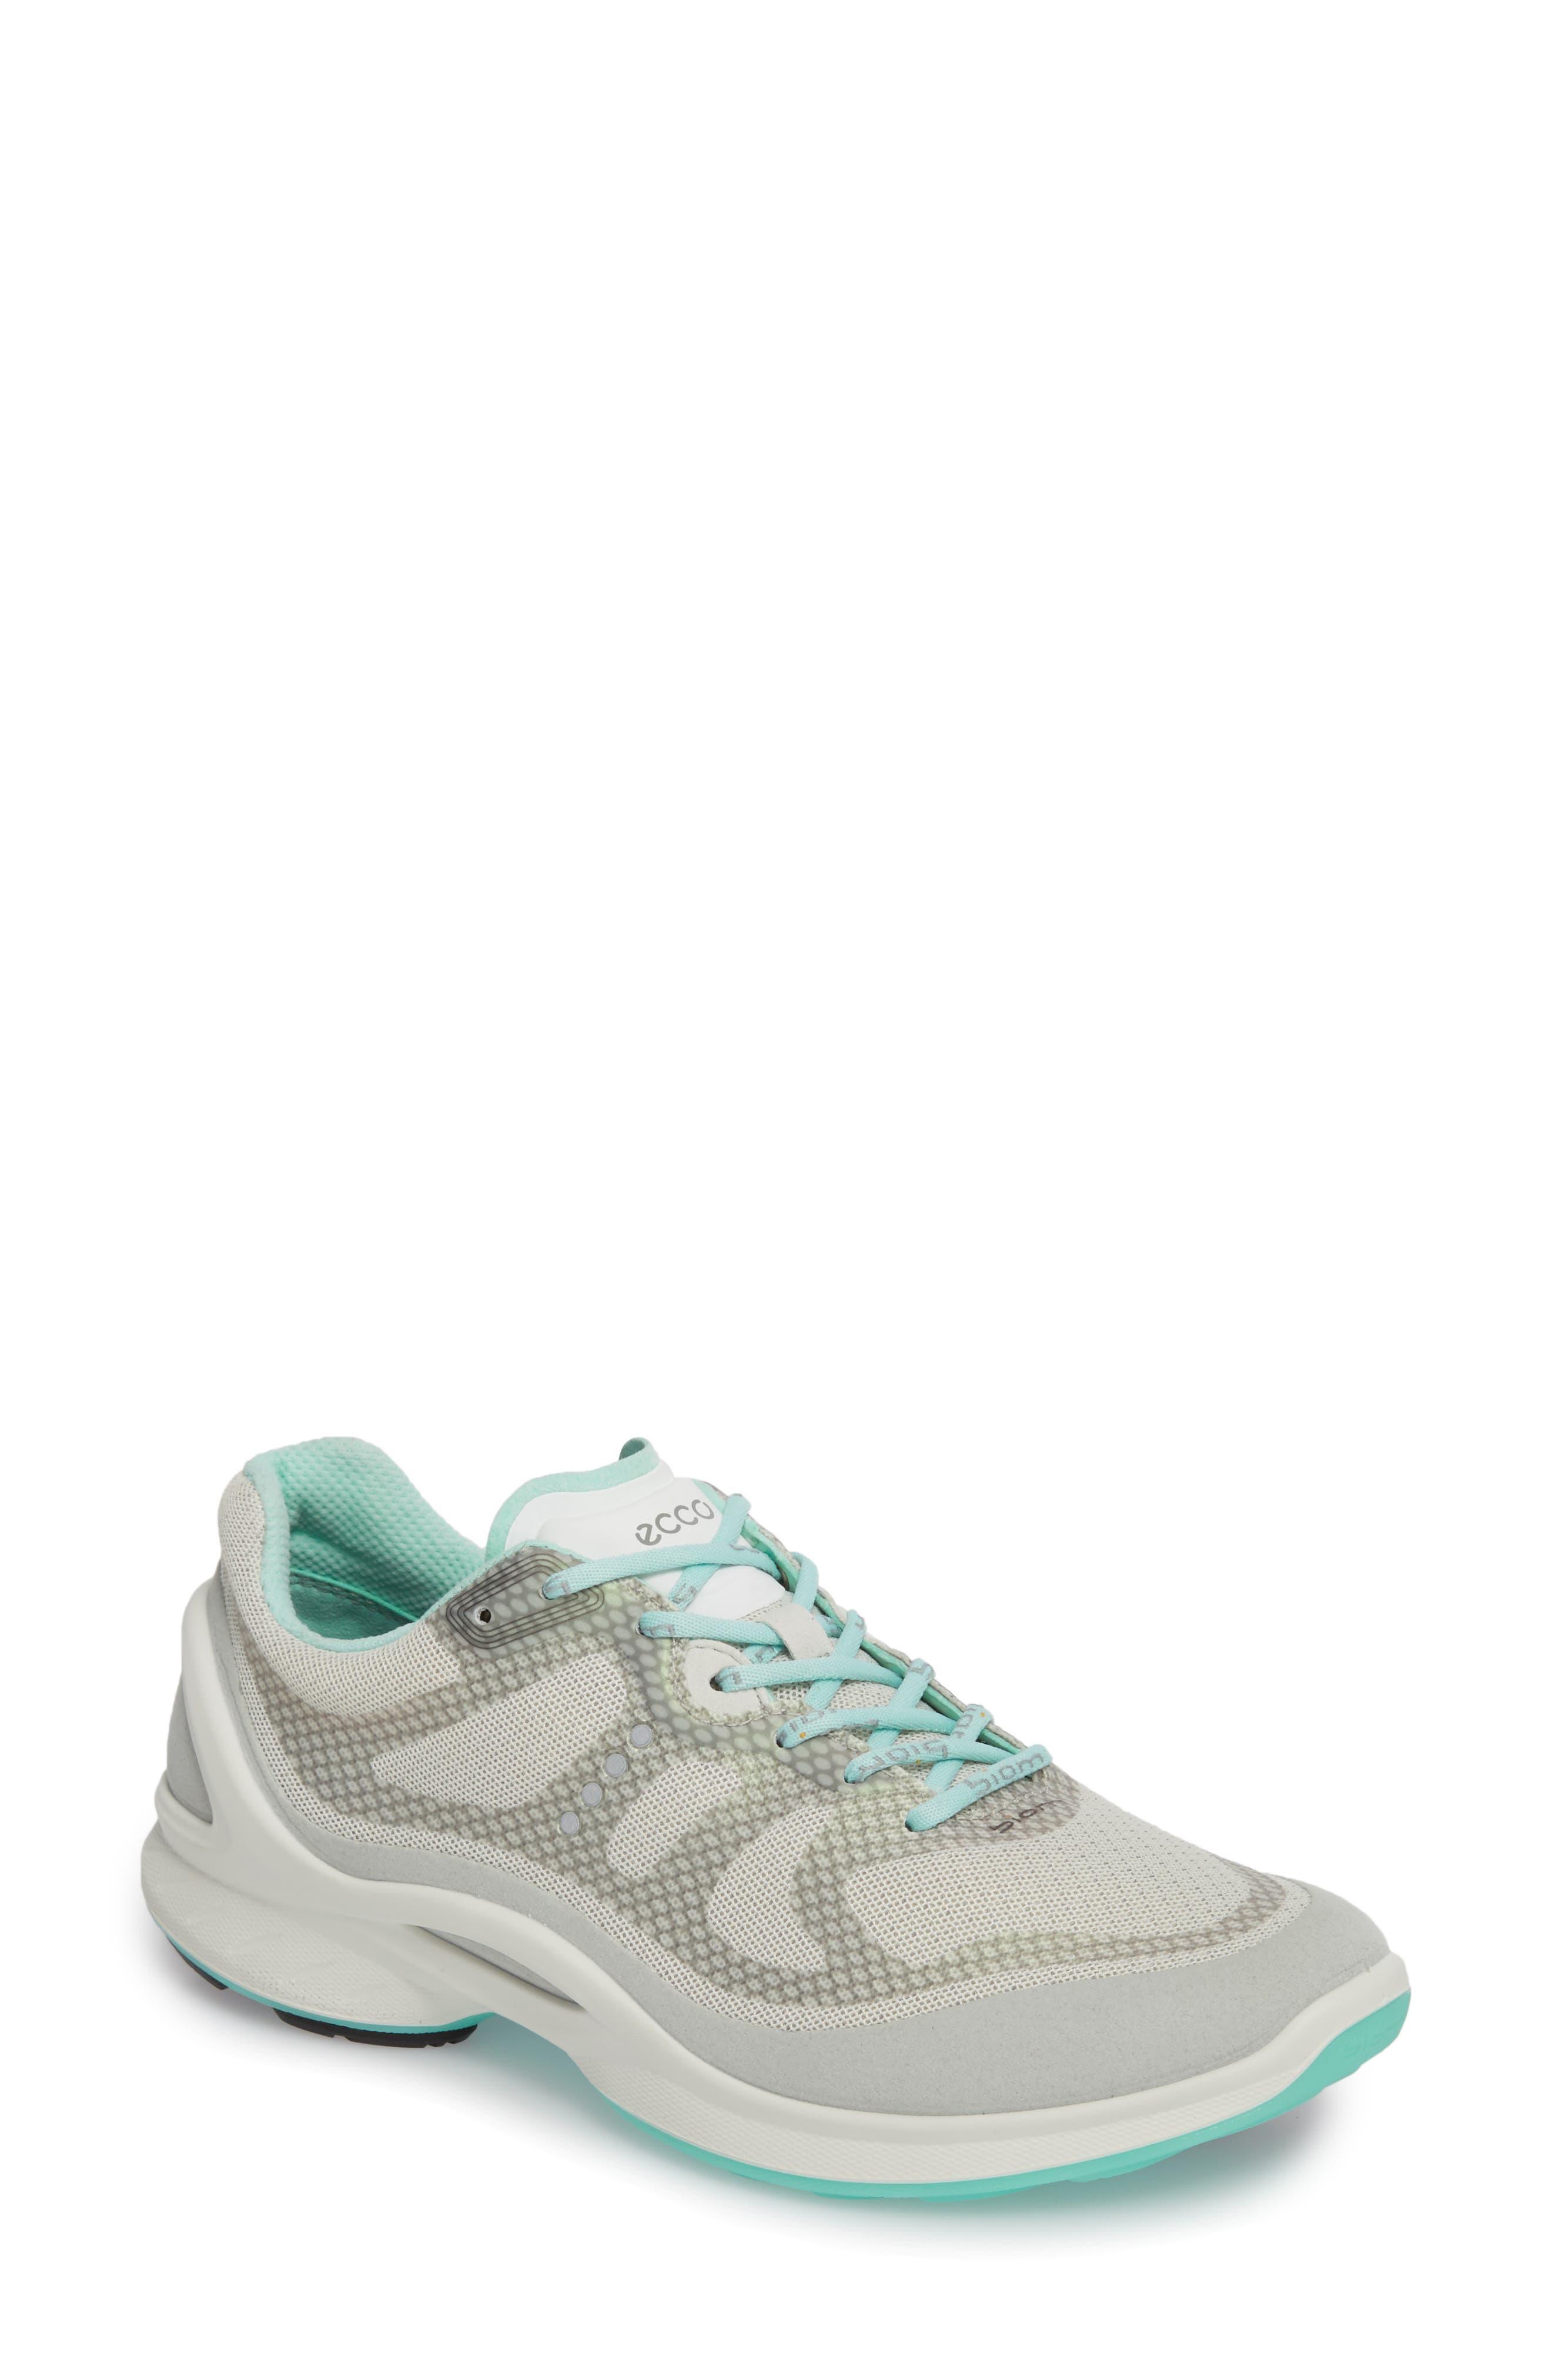 Ecco Biom Fjuel Tie Sneaker, White